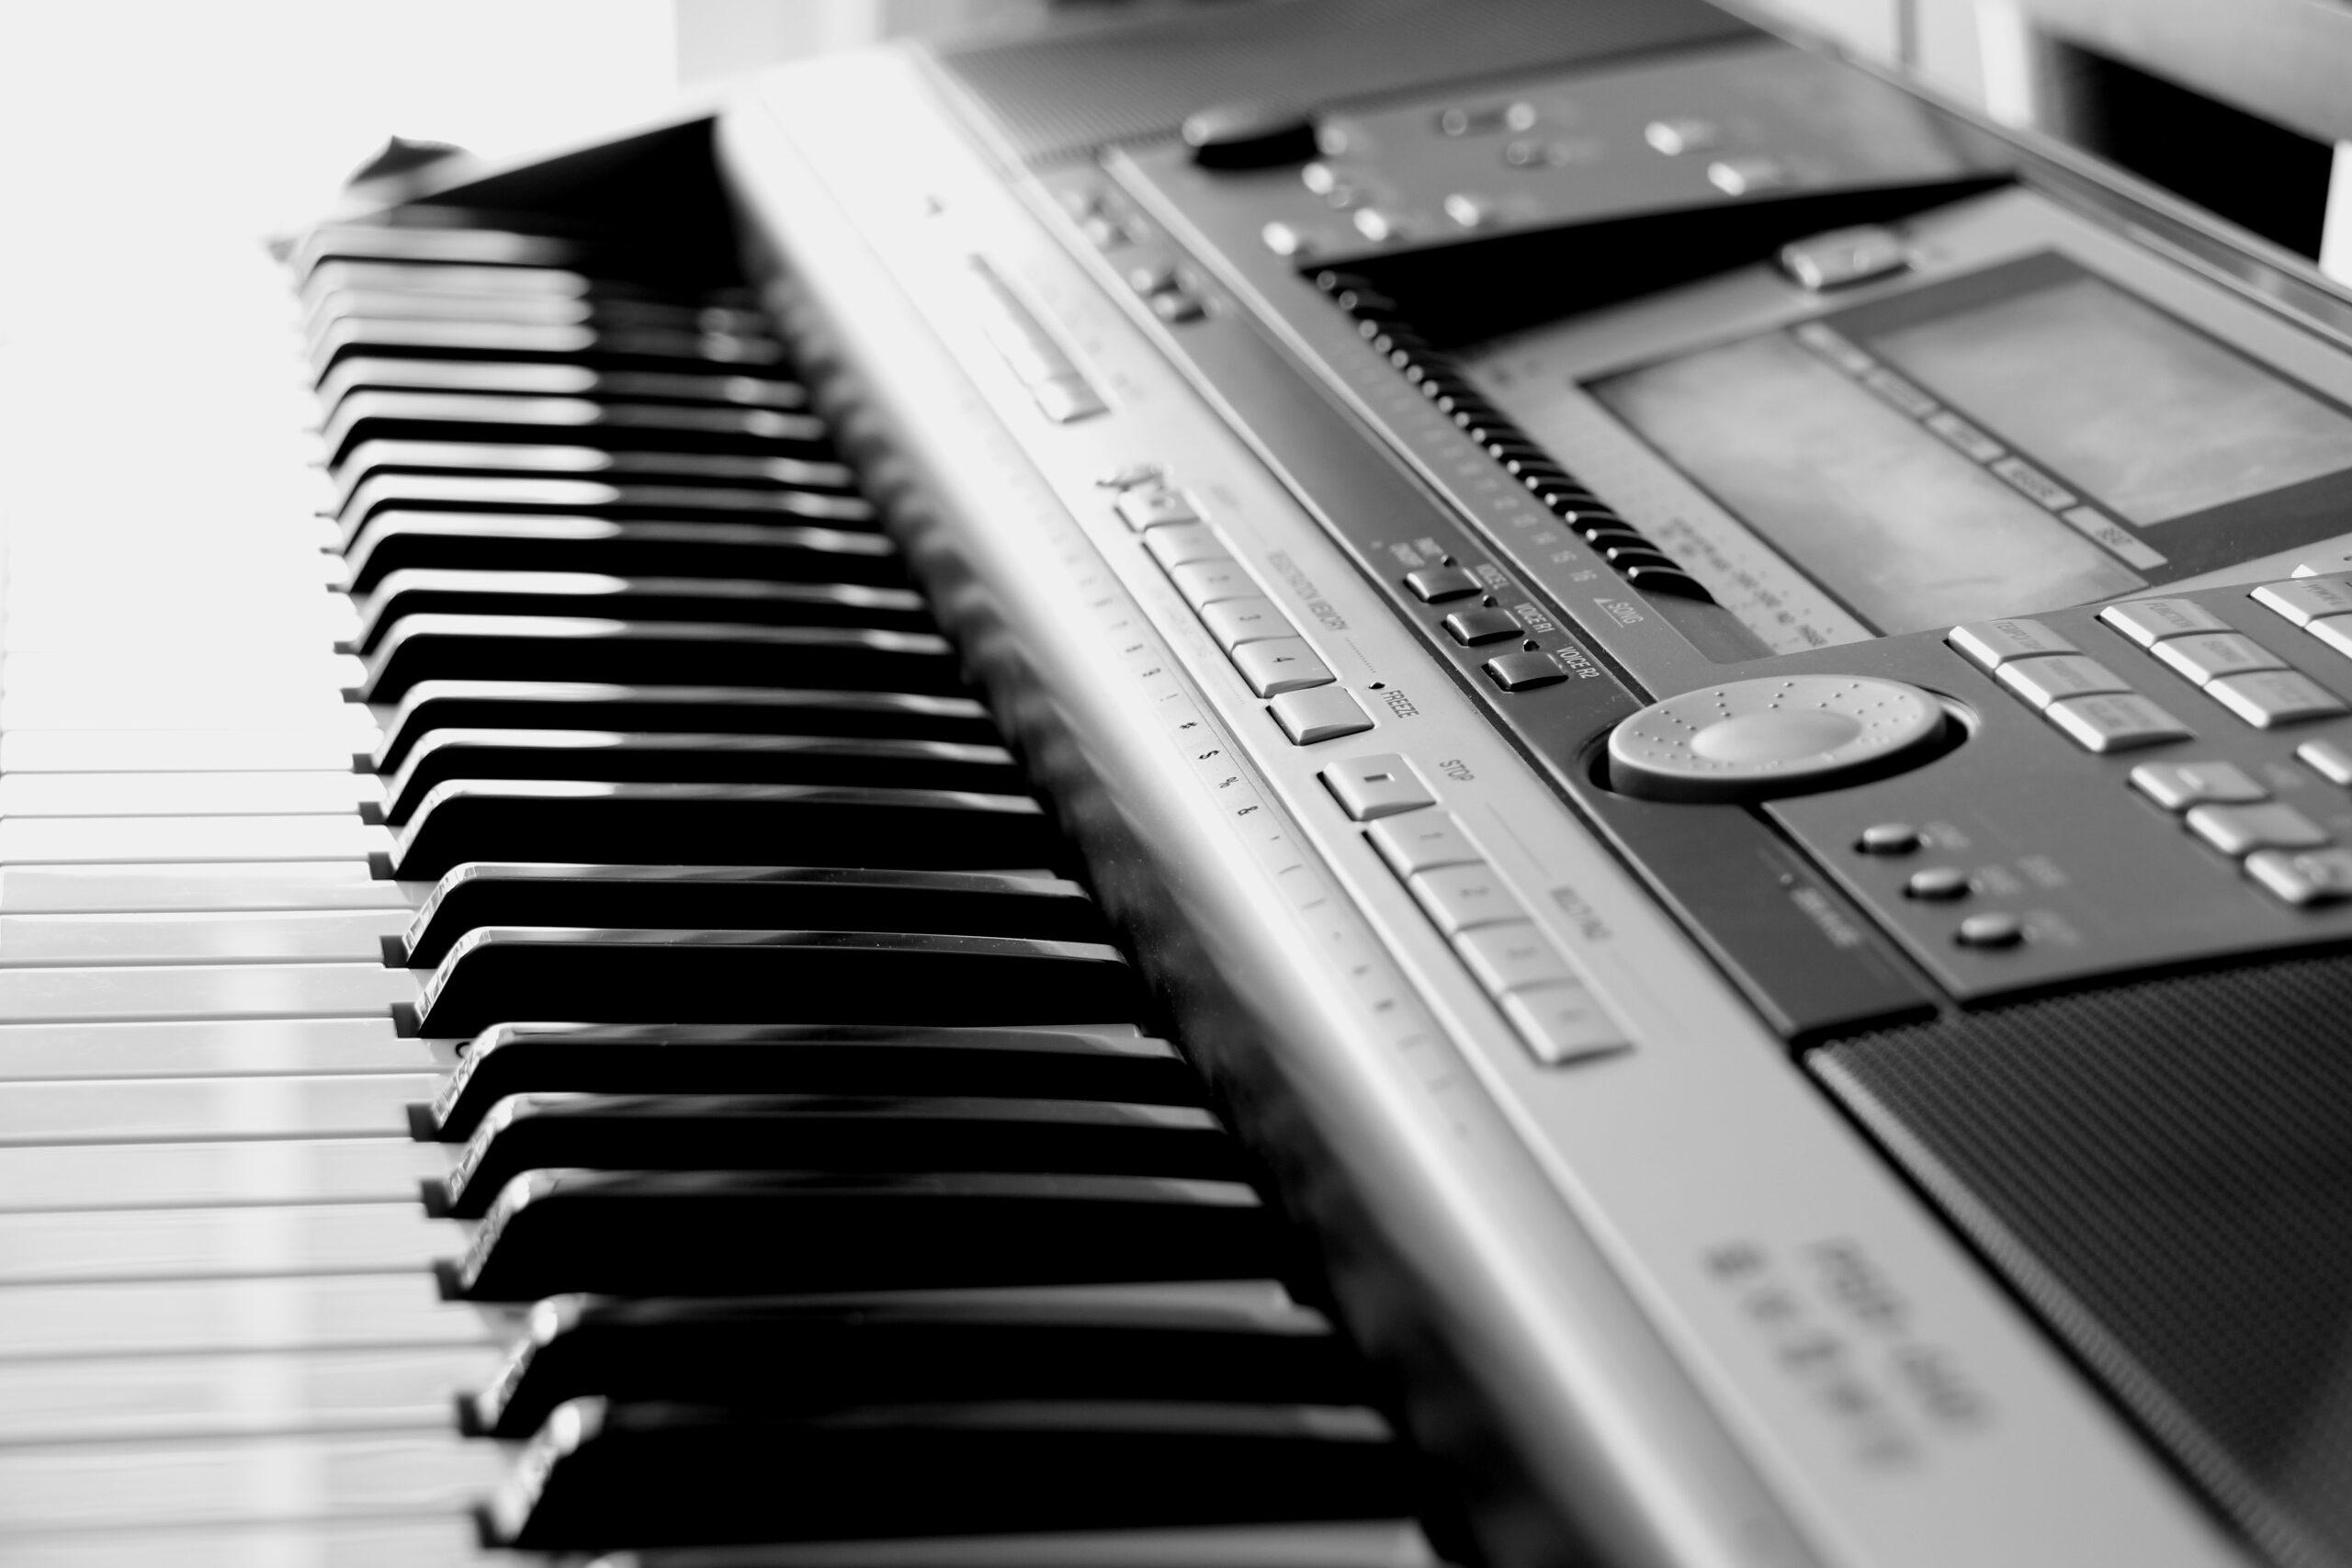 Instrumentos de teclas - Música com piano elétrico